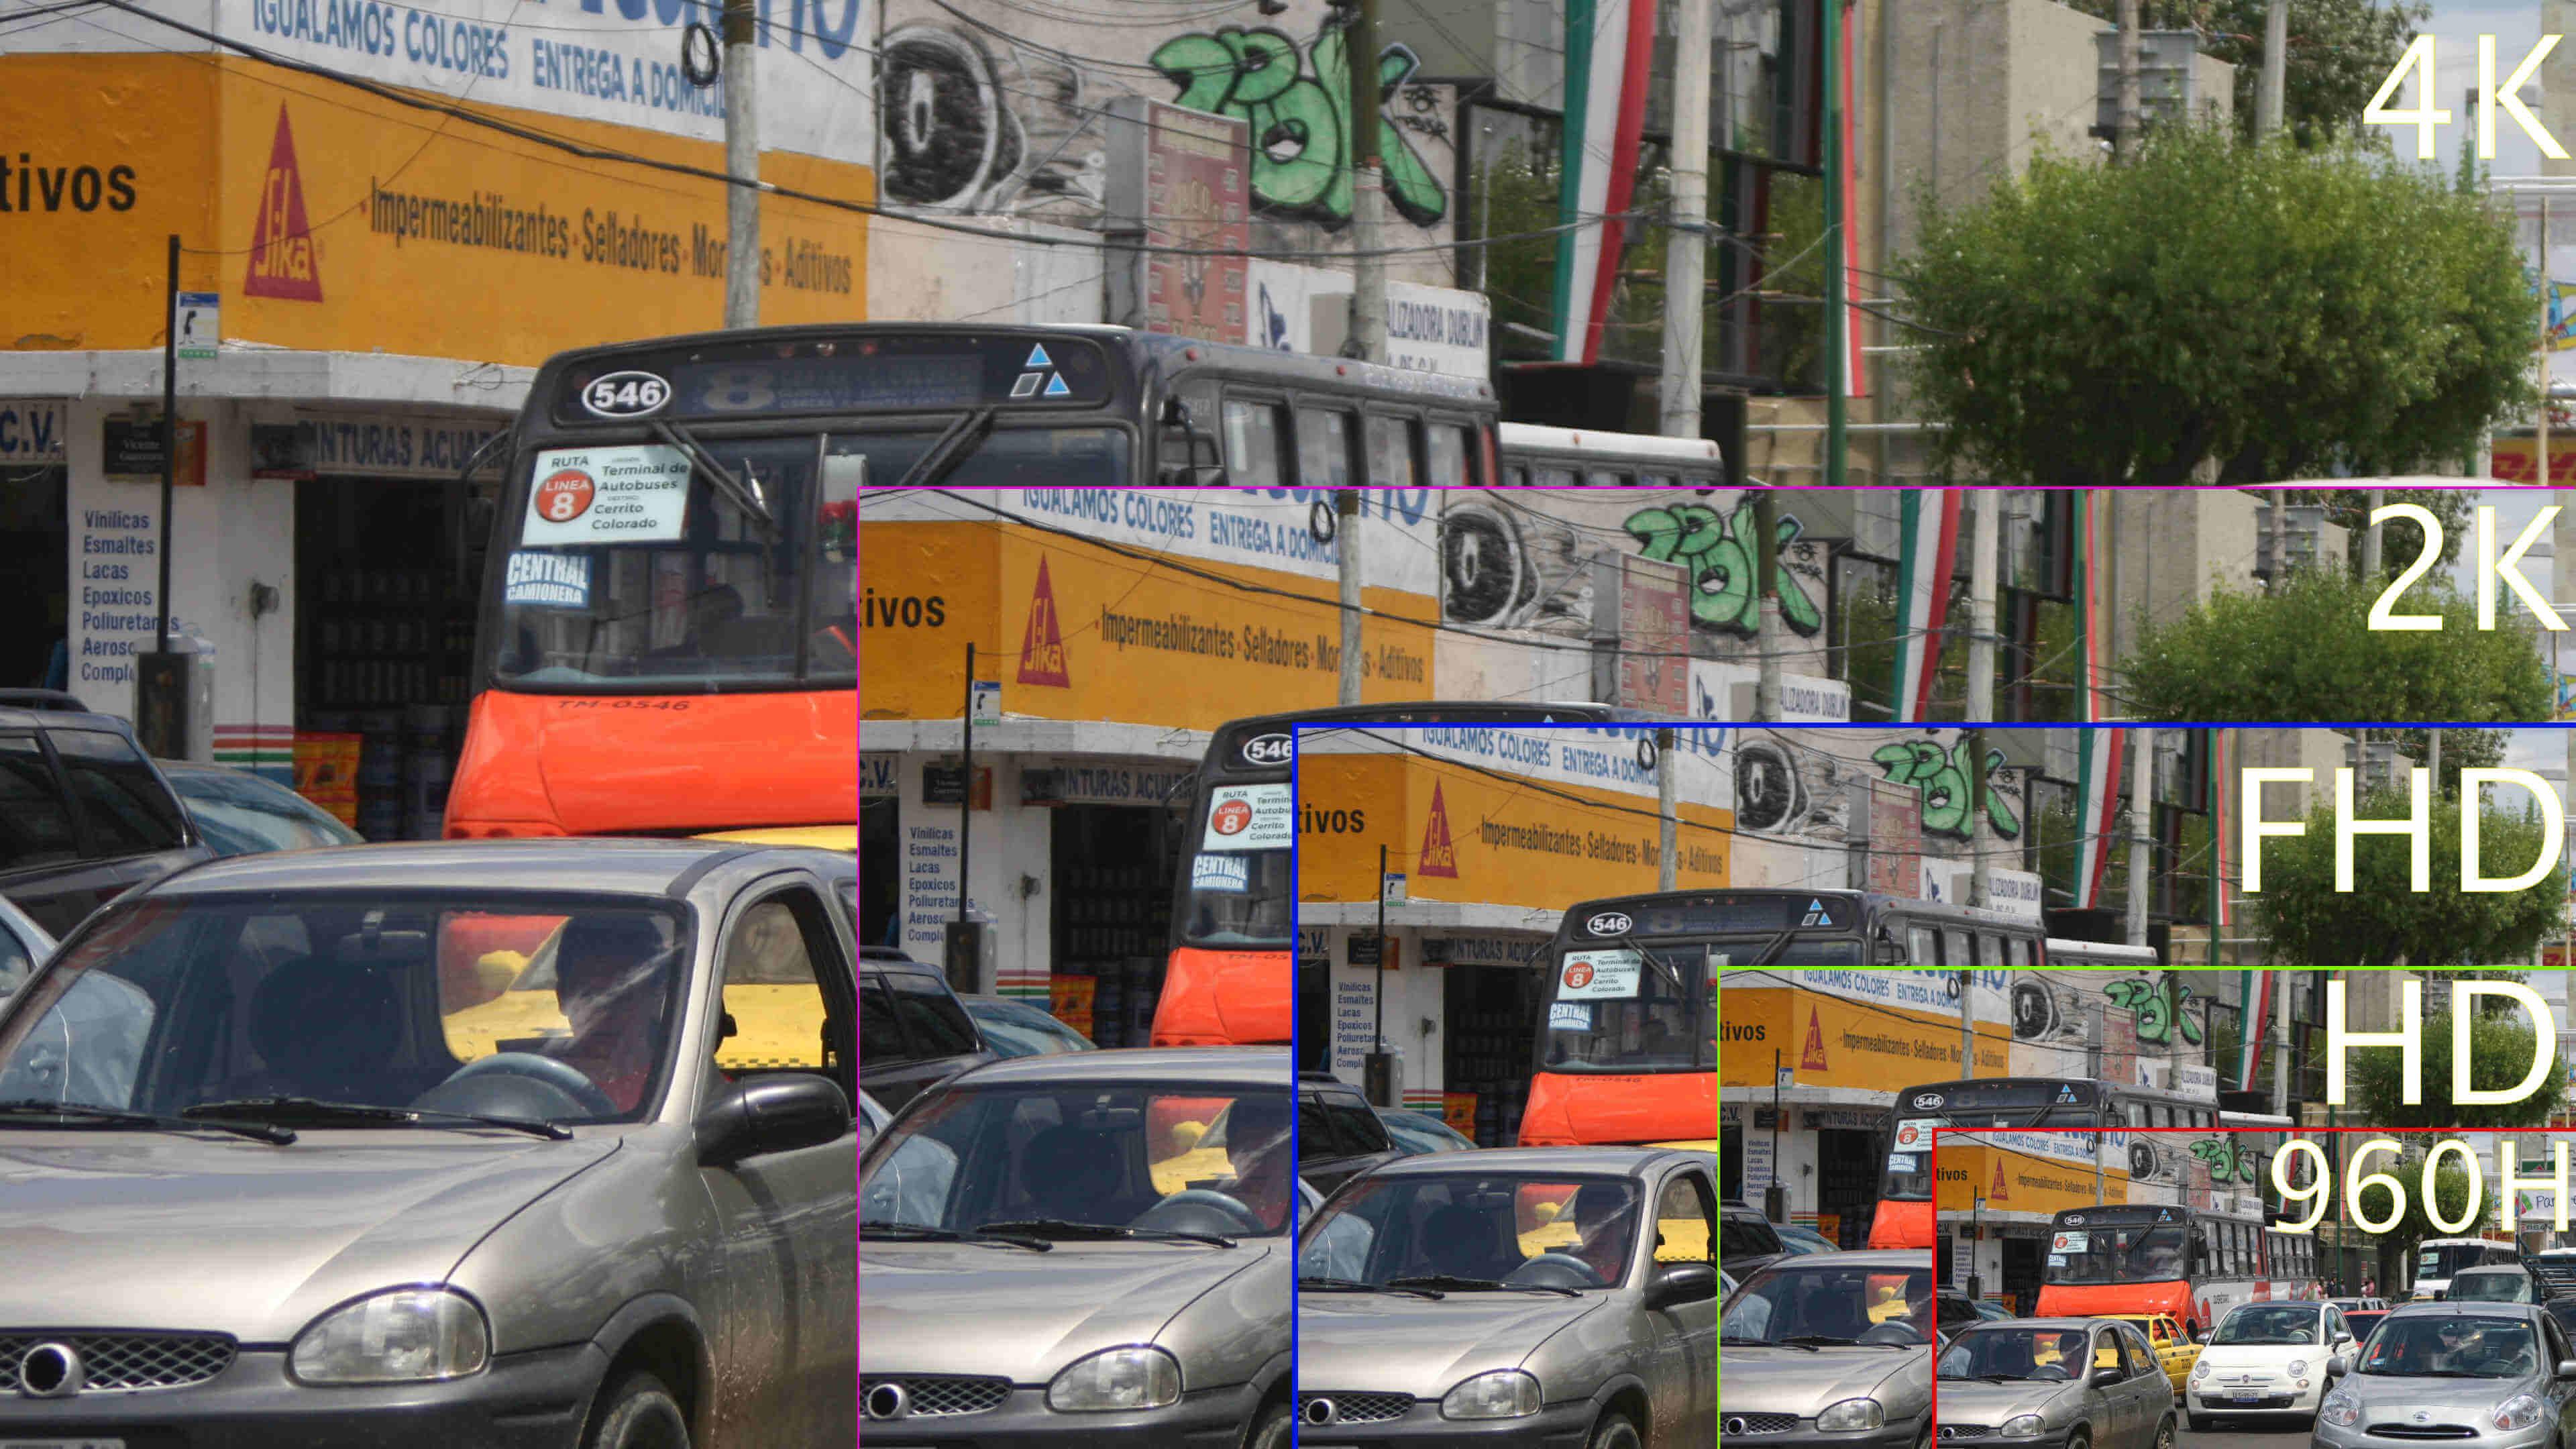 Comparativa CCTV Imagen 4K resolución 3840 x 2160